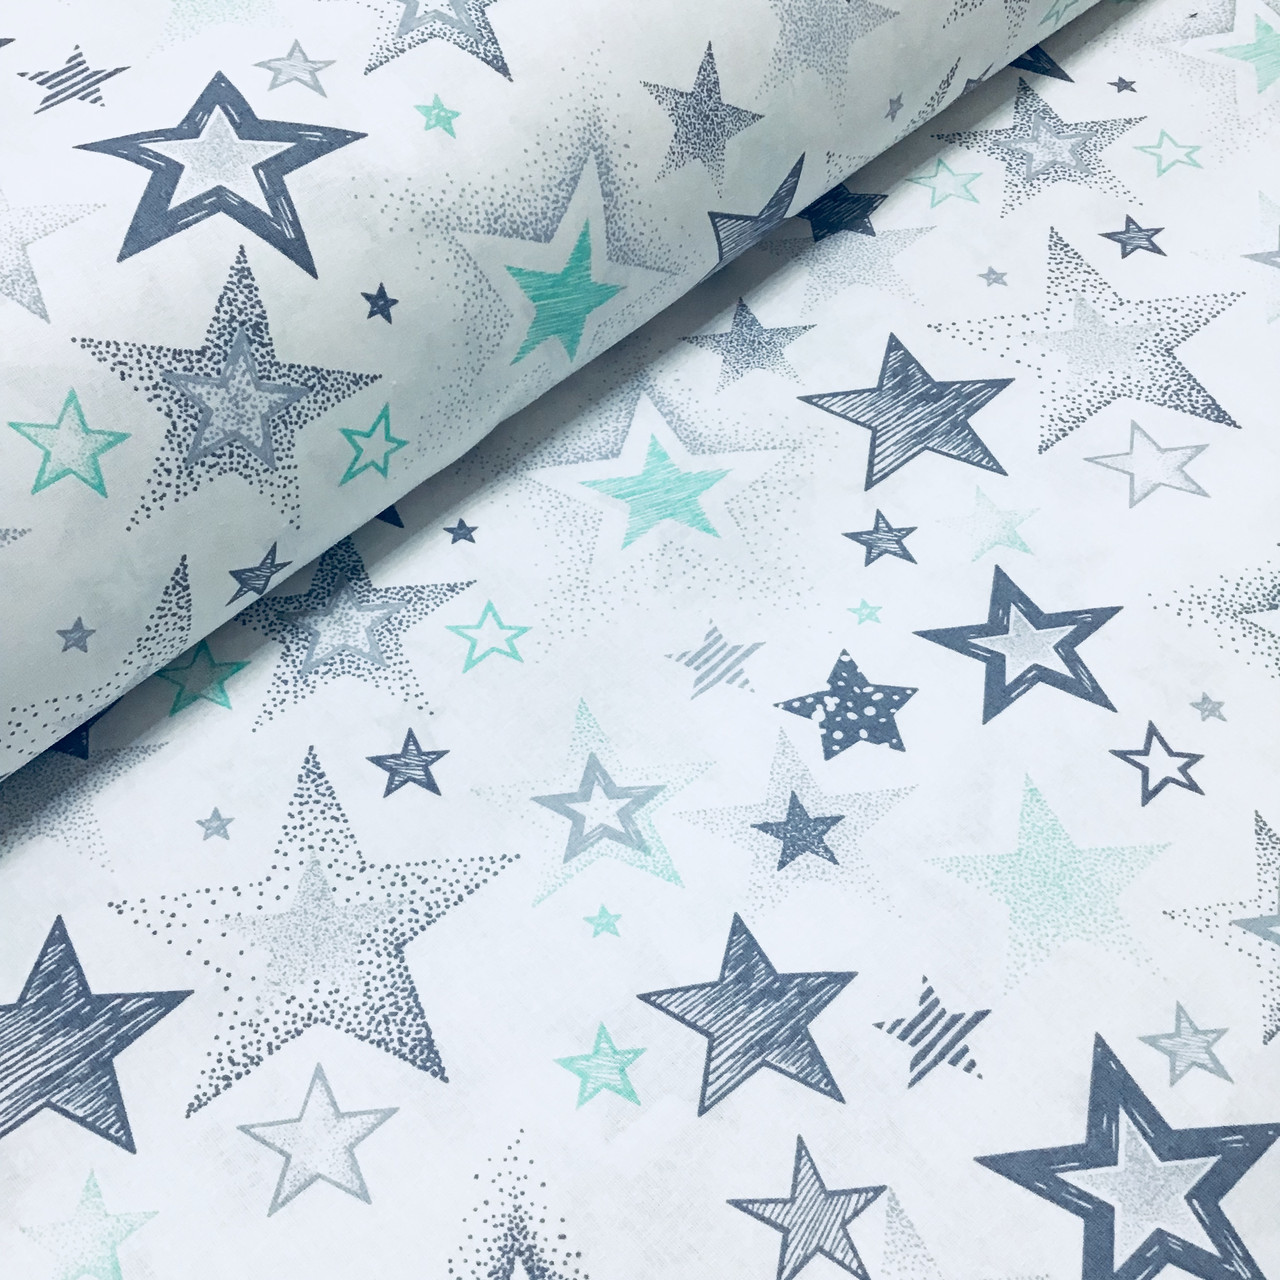 Ткань польская хлопковая, звездопад серо-мятный на белом